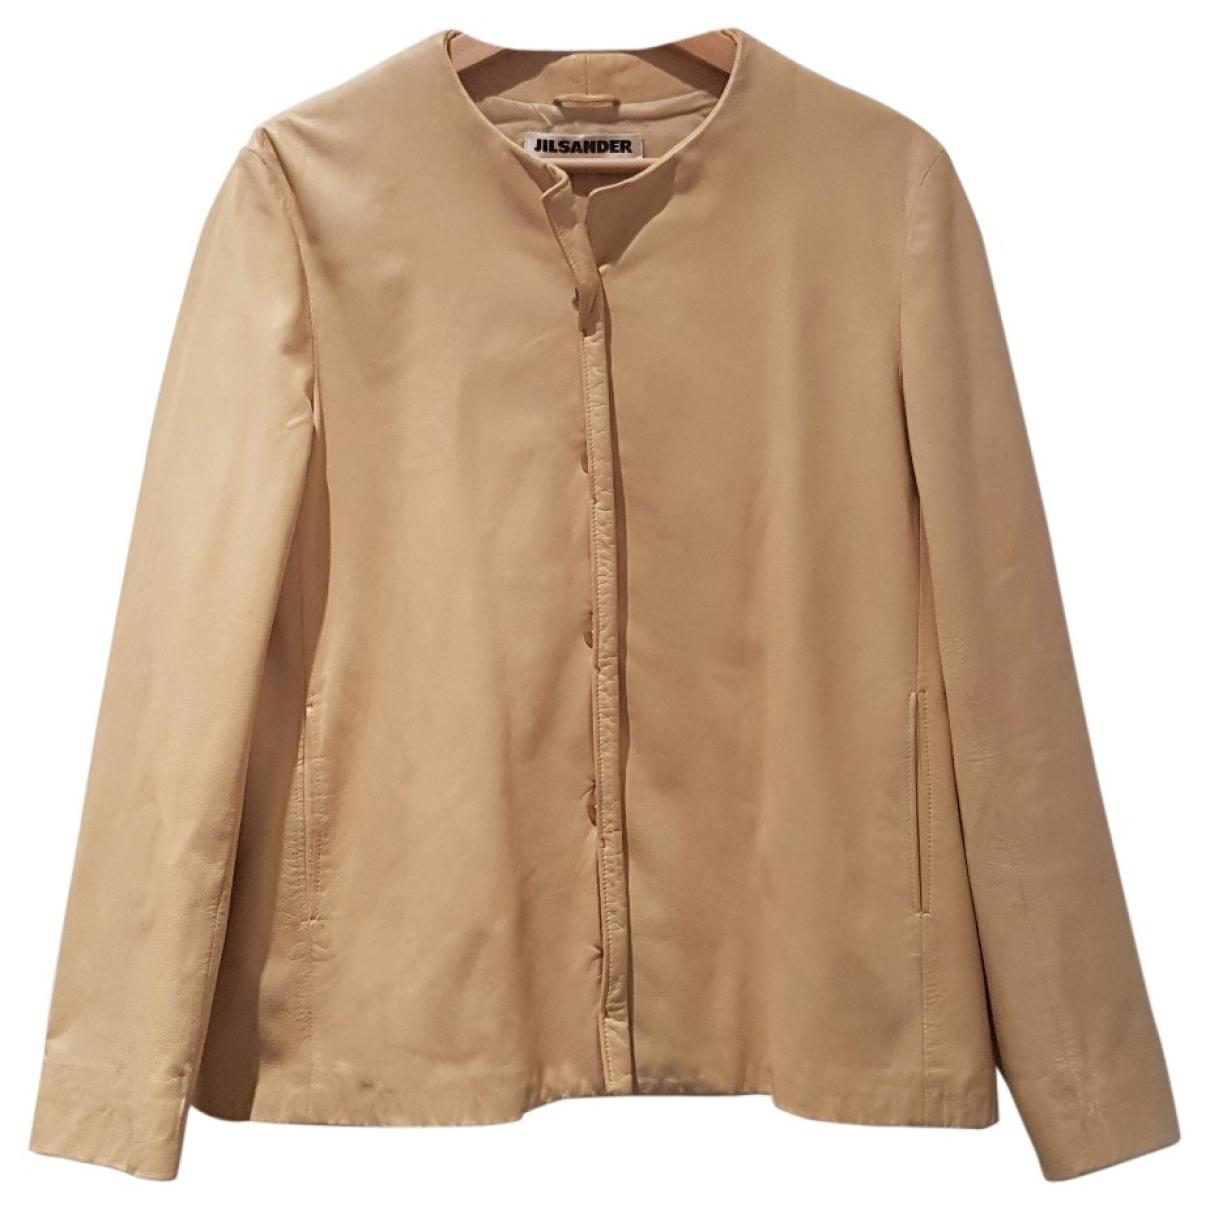 Jil Sander \N Ecru Leather jacket for Women 6 US